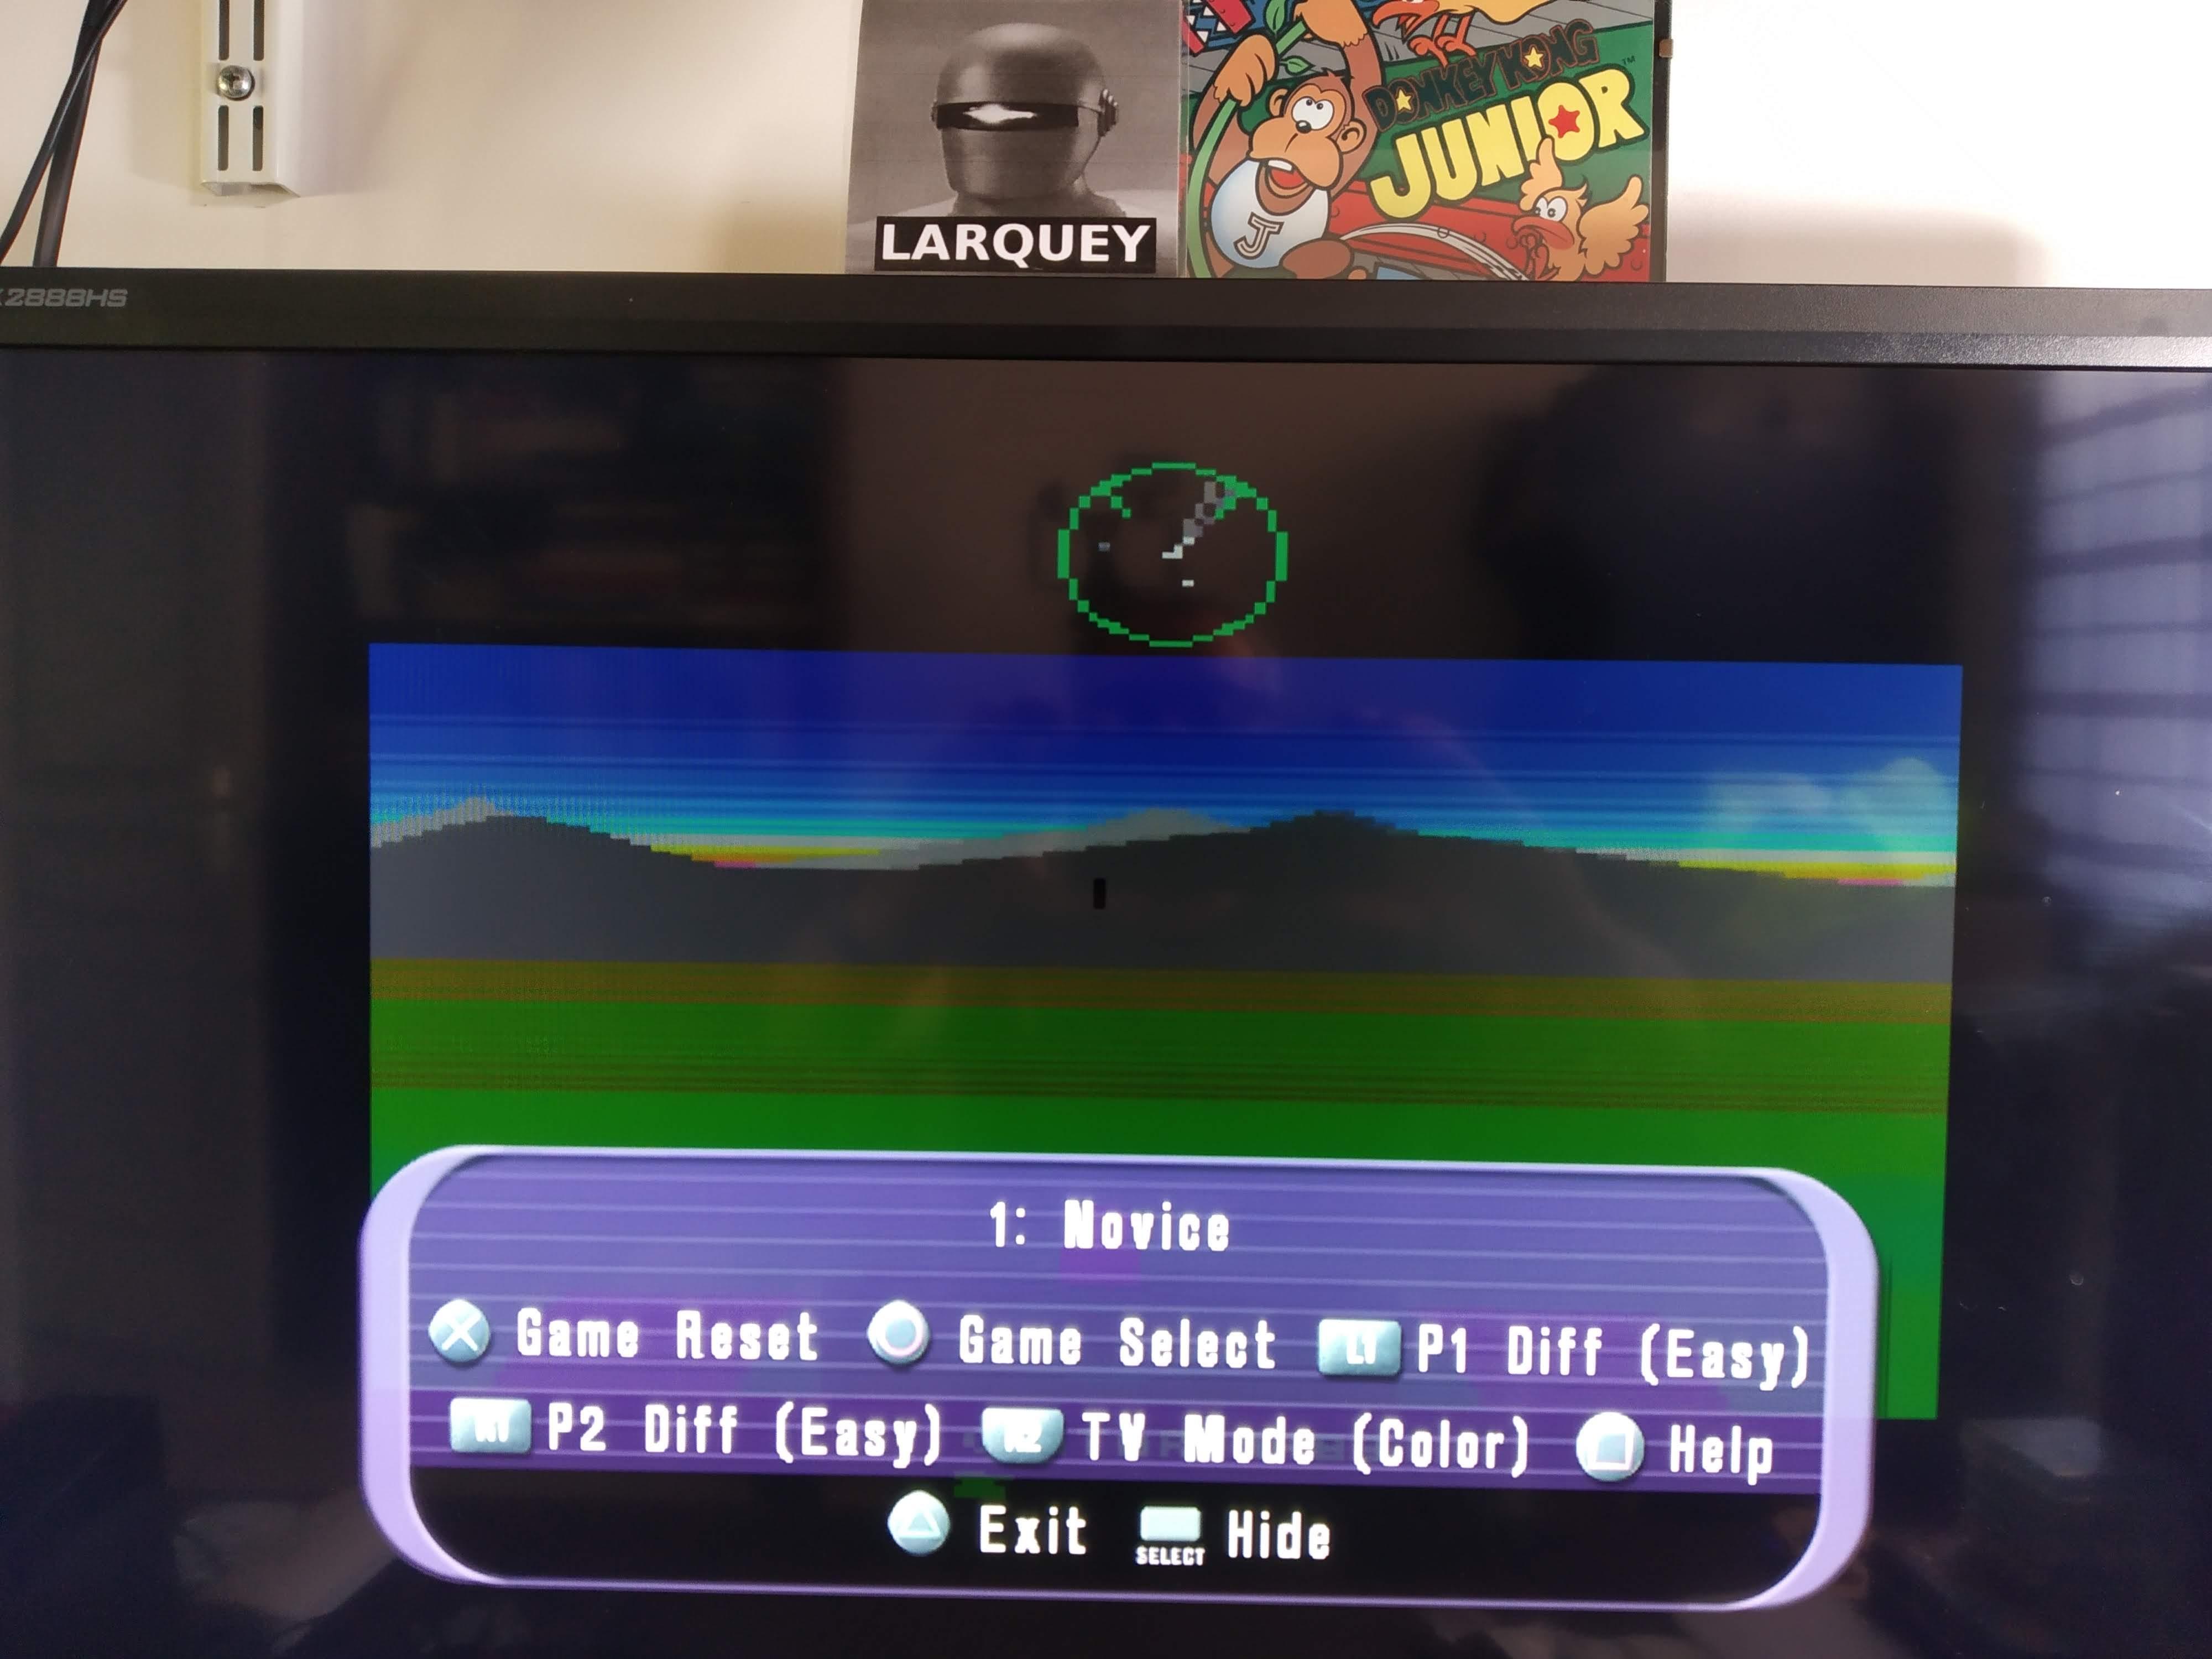 Larquey: Atari Anthology: Battlezone [2600] (Playstation 2 Emulated) 26,000 points on 2020-08-03 17:06:35